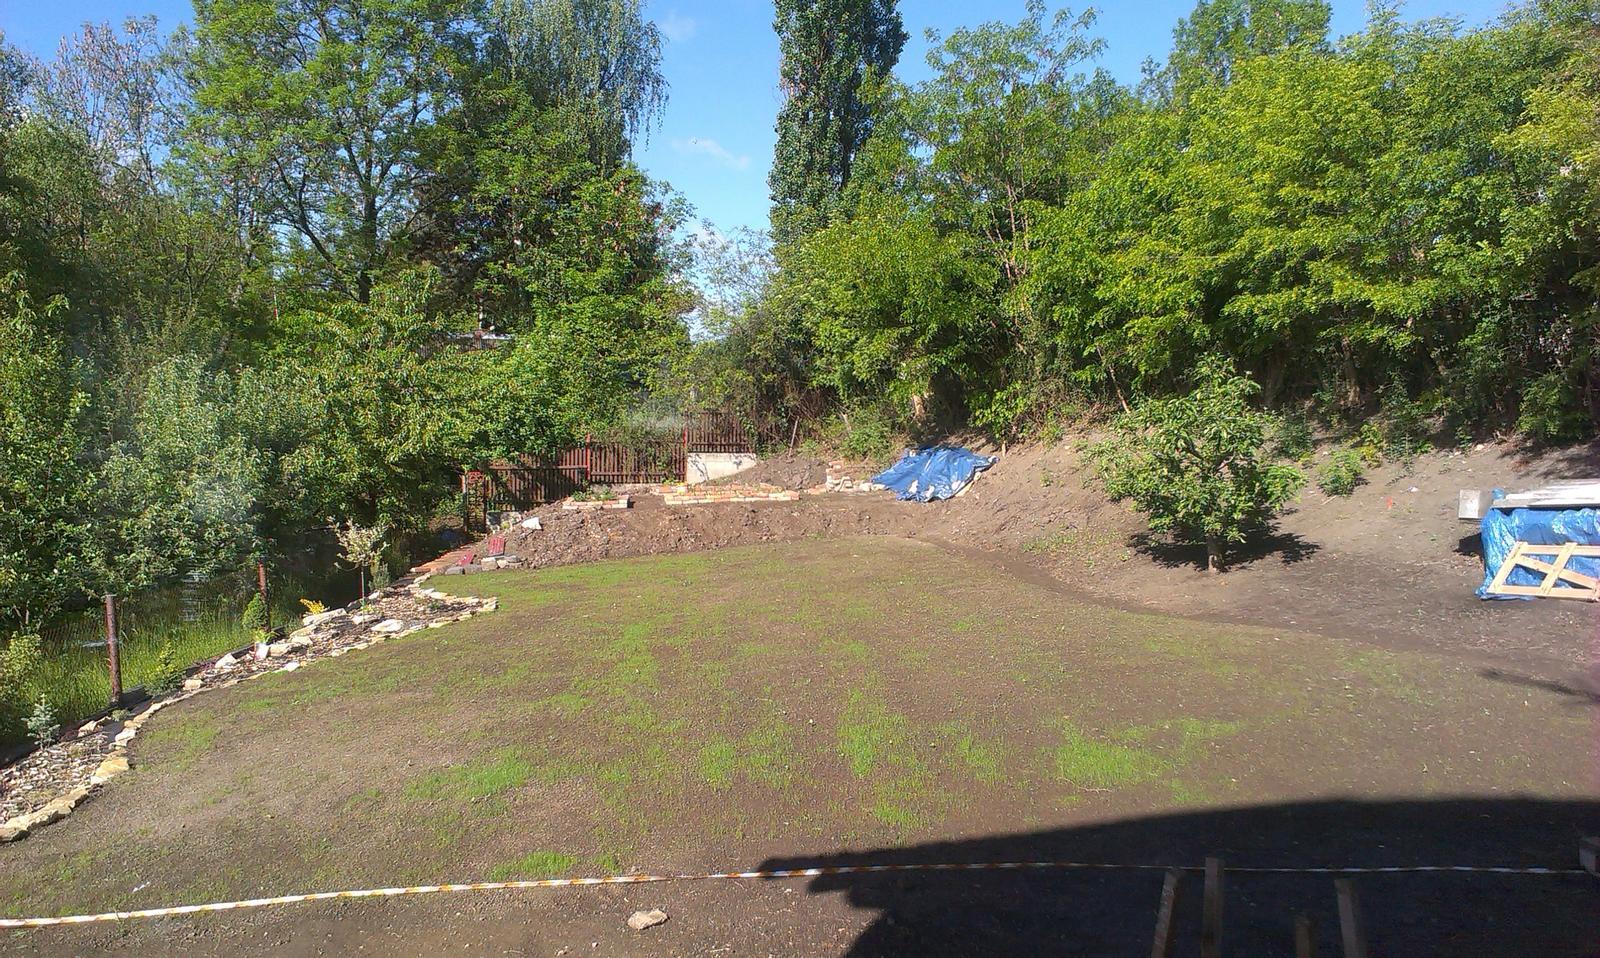 Záhrada - za ďalšie 3 dní - už je to fukot ako to lezie, 1cm za minútu :-))